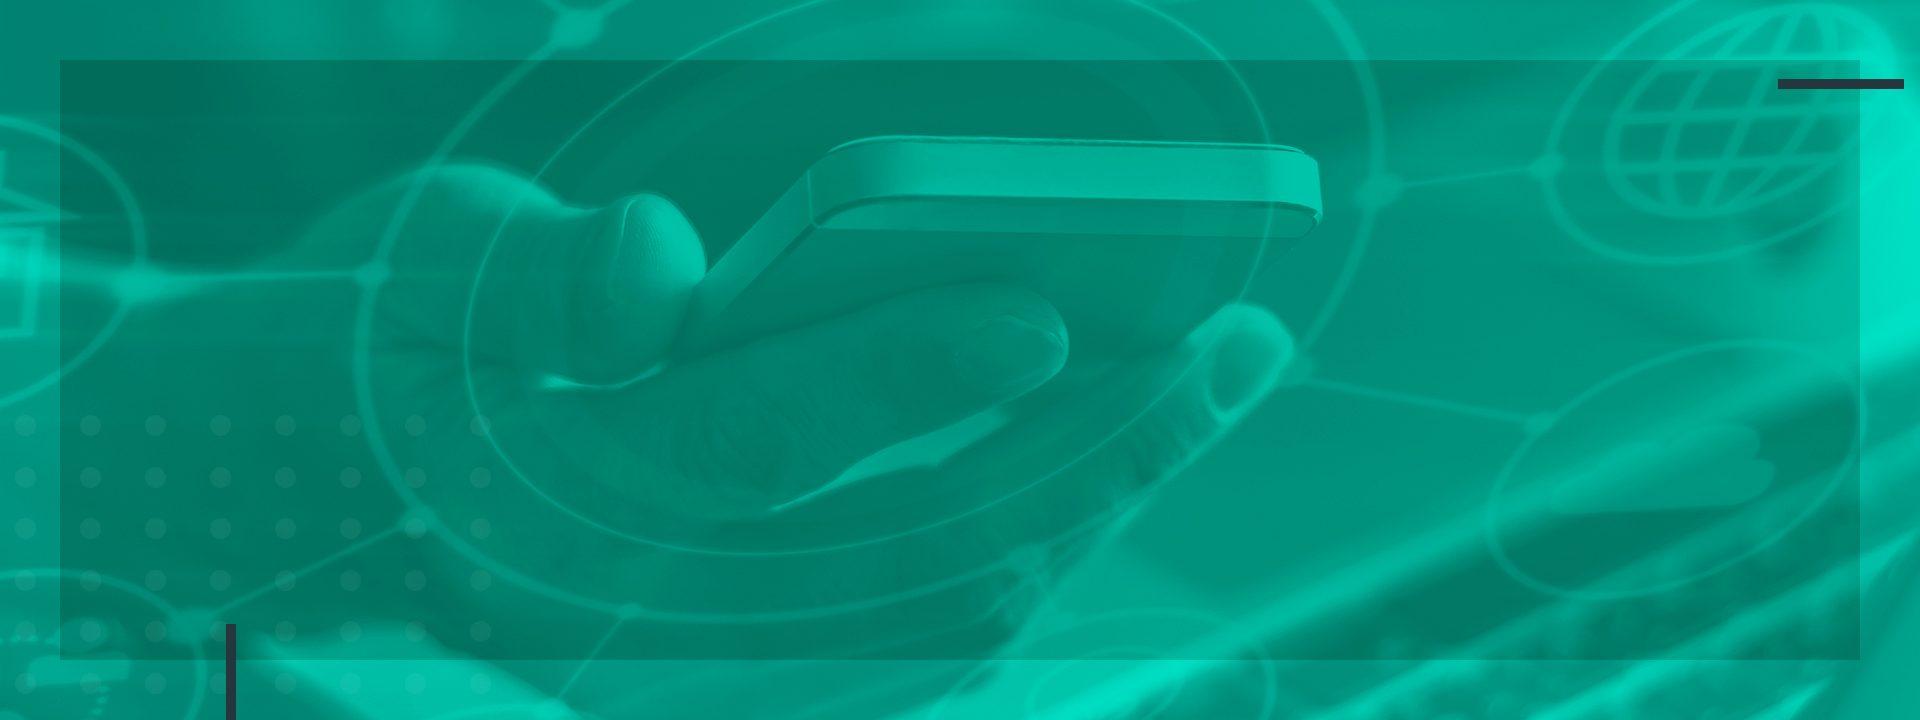 agência dgrau digital e os novos caminhos da comunicação